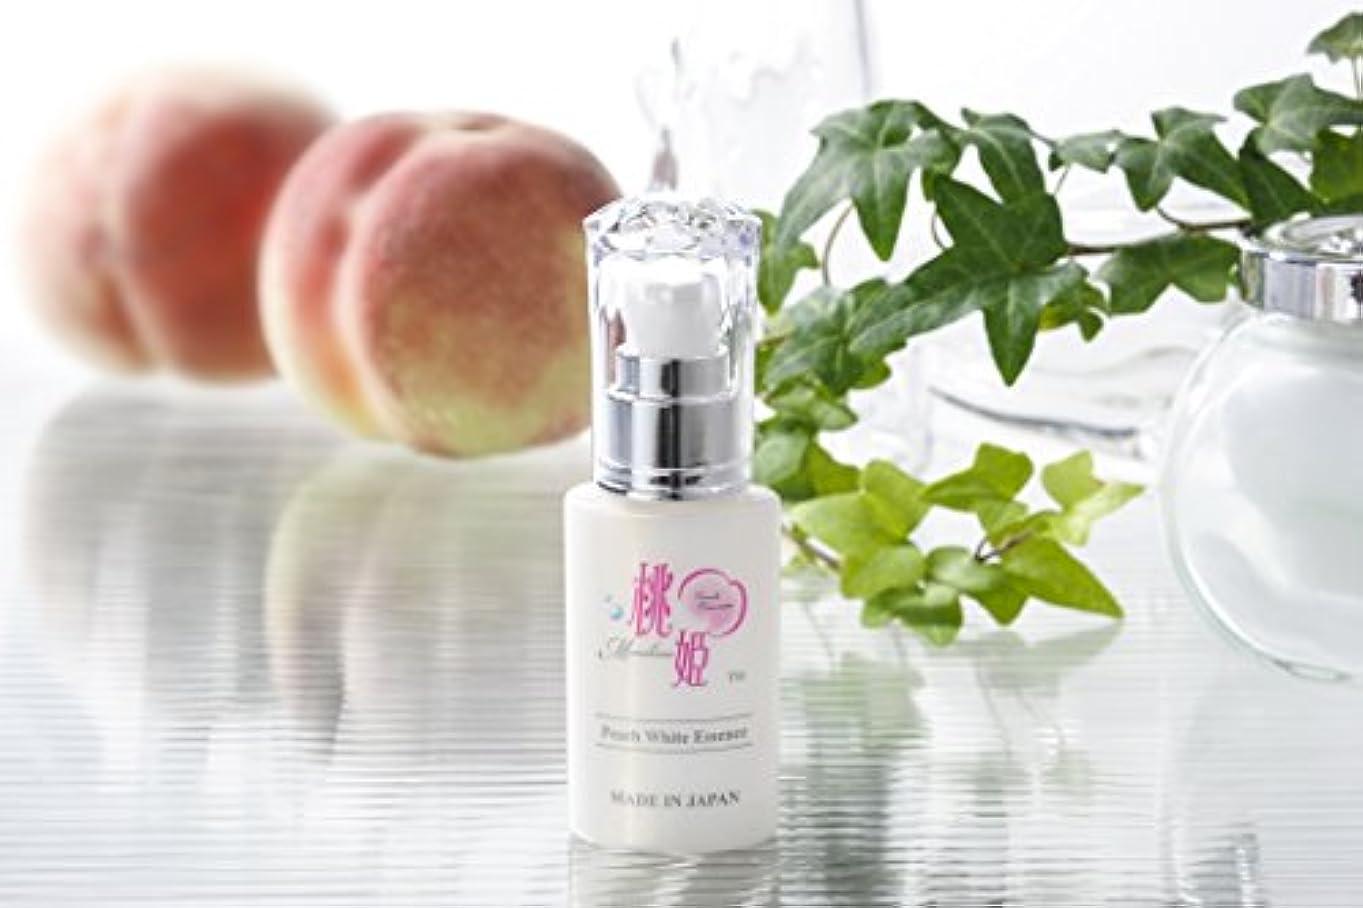 蘇生する強度フリンジピーチホワイトエッセンス(ハラール認証) Peach White Essence (Halal-Certified)